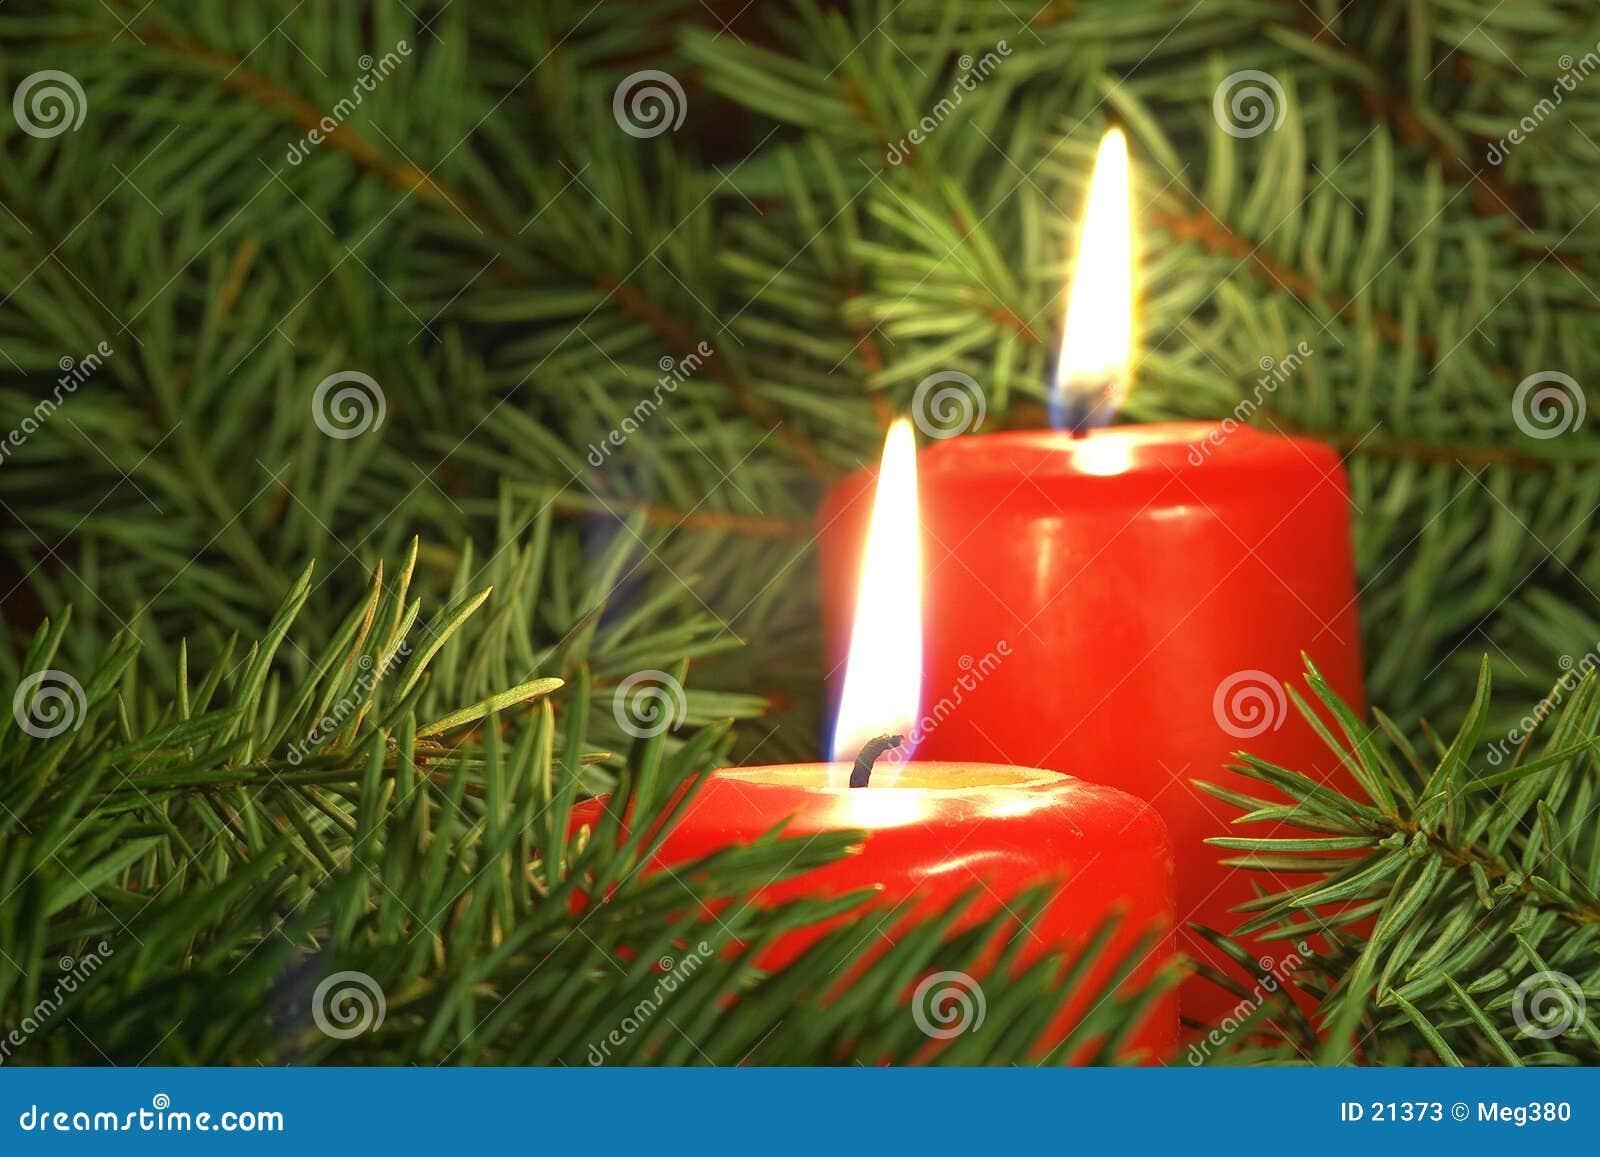 Boże narodzenie świece.